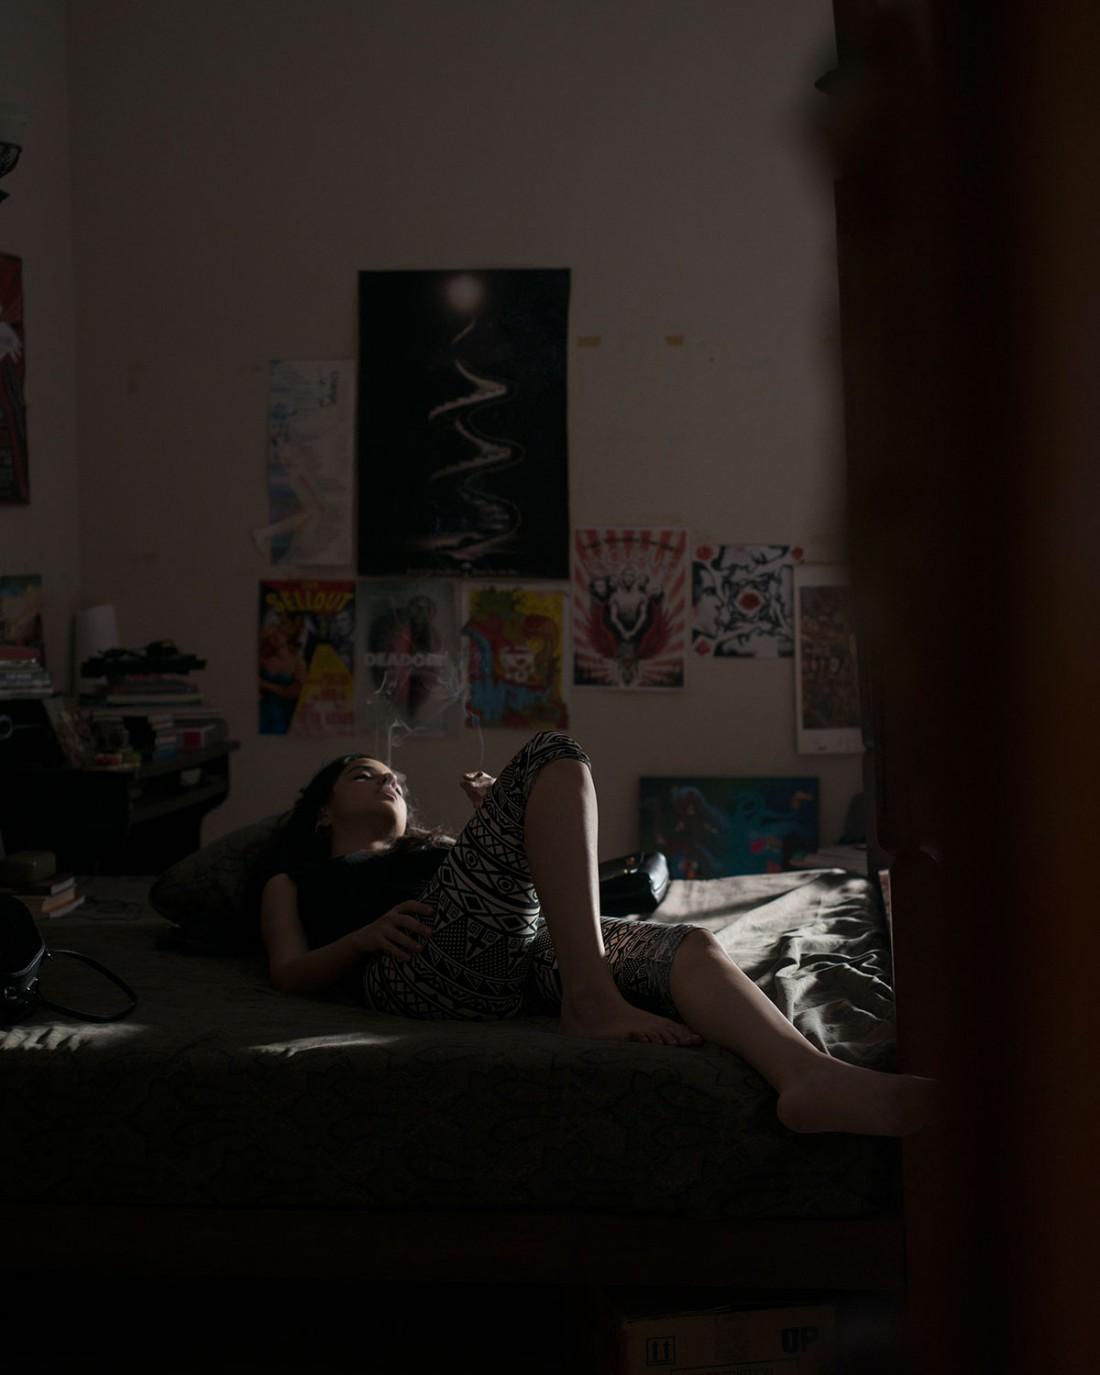 Die Illustratorin Samya tagträumend auf ihrem Bett. Clifton Karachi, Pakistan 2016 (Photo: Pablo Lauf)